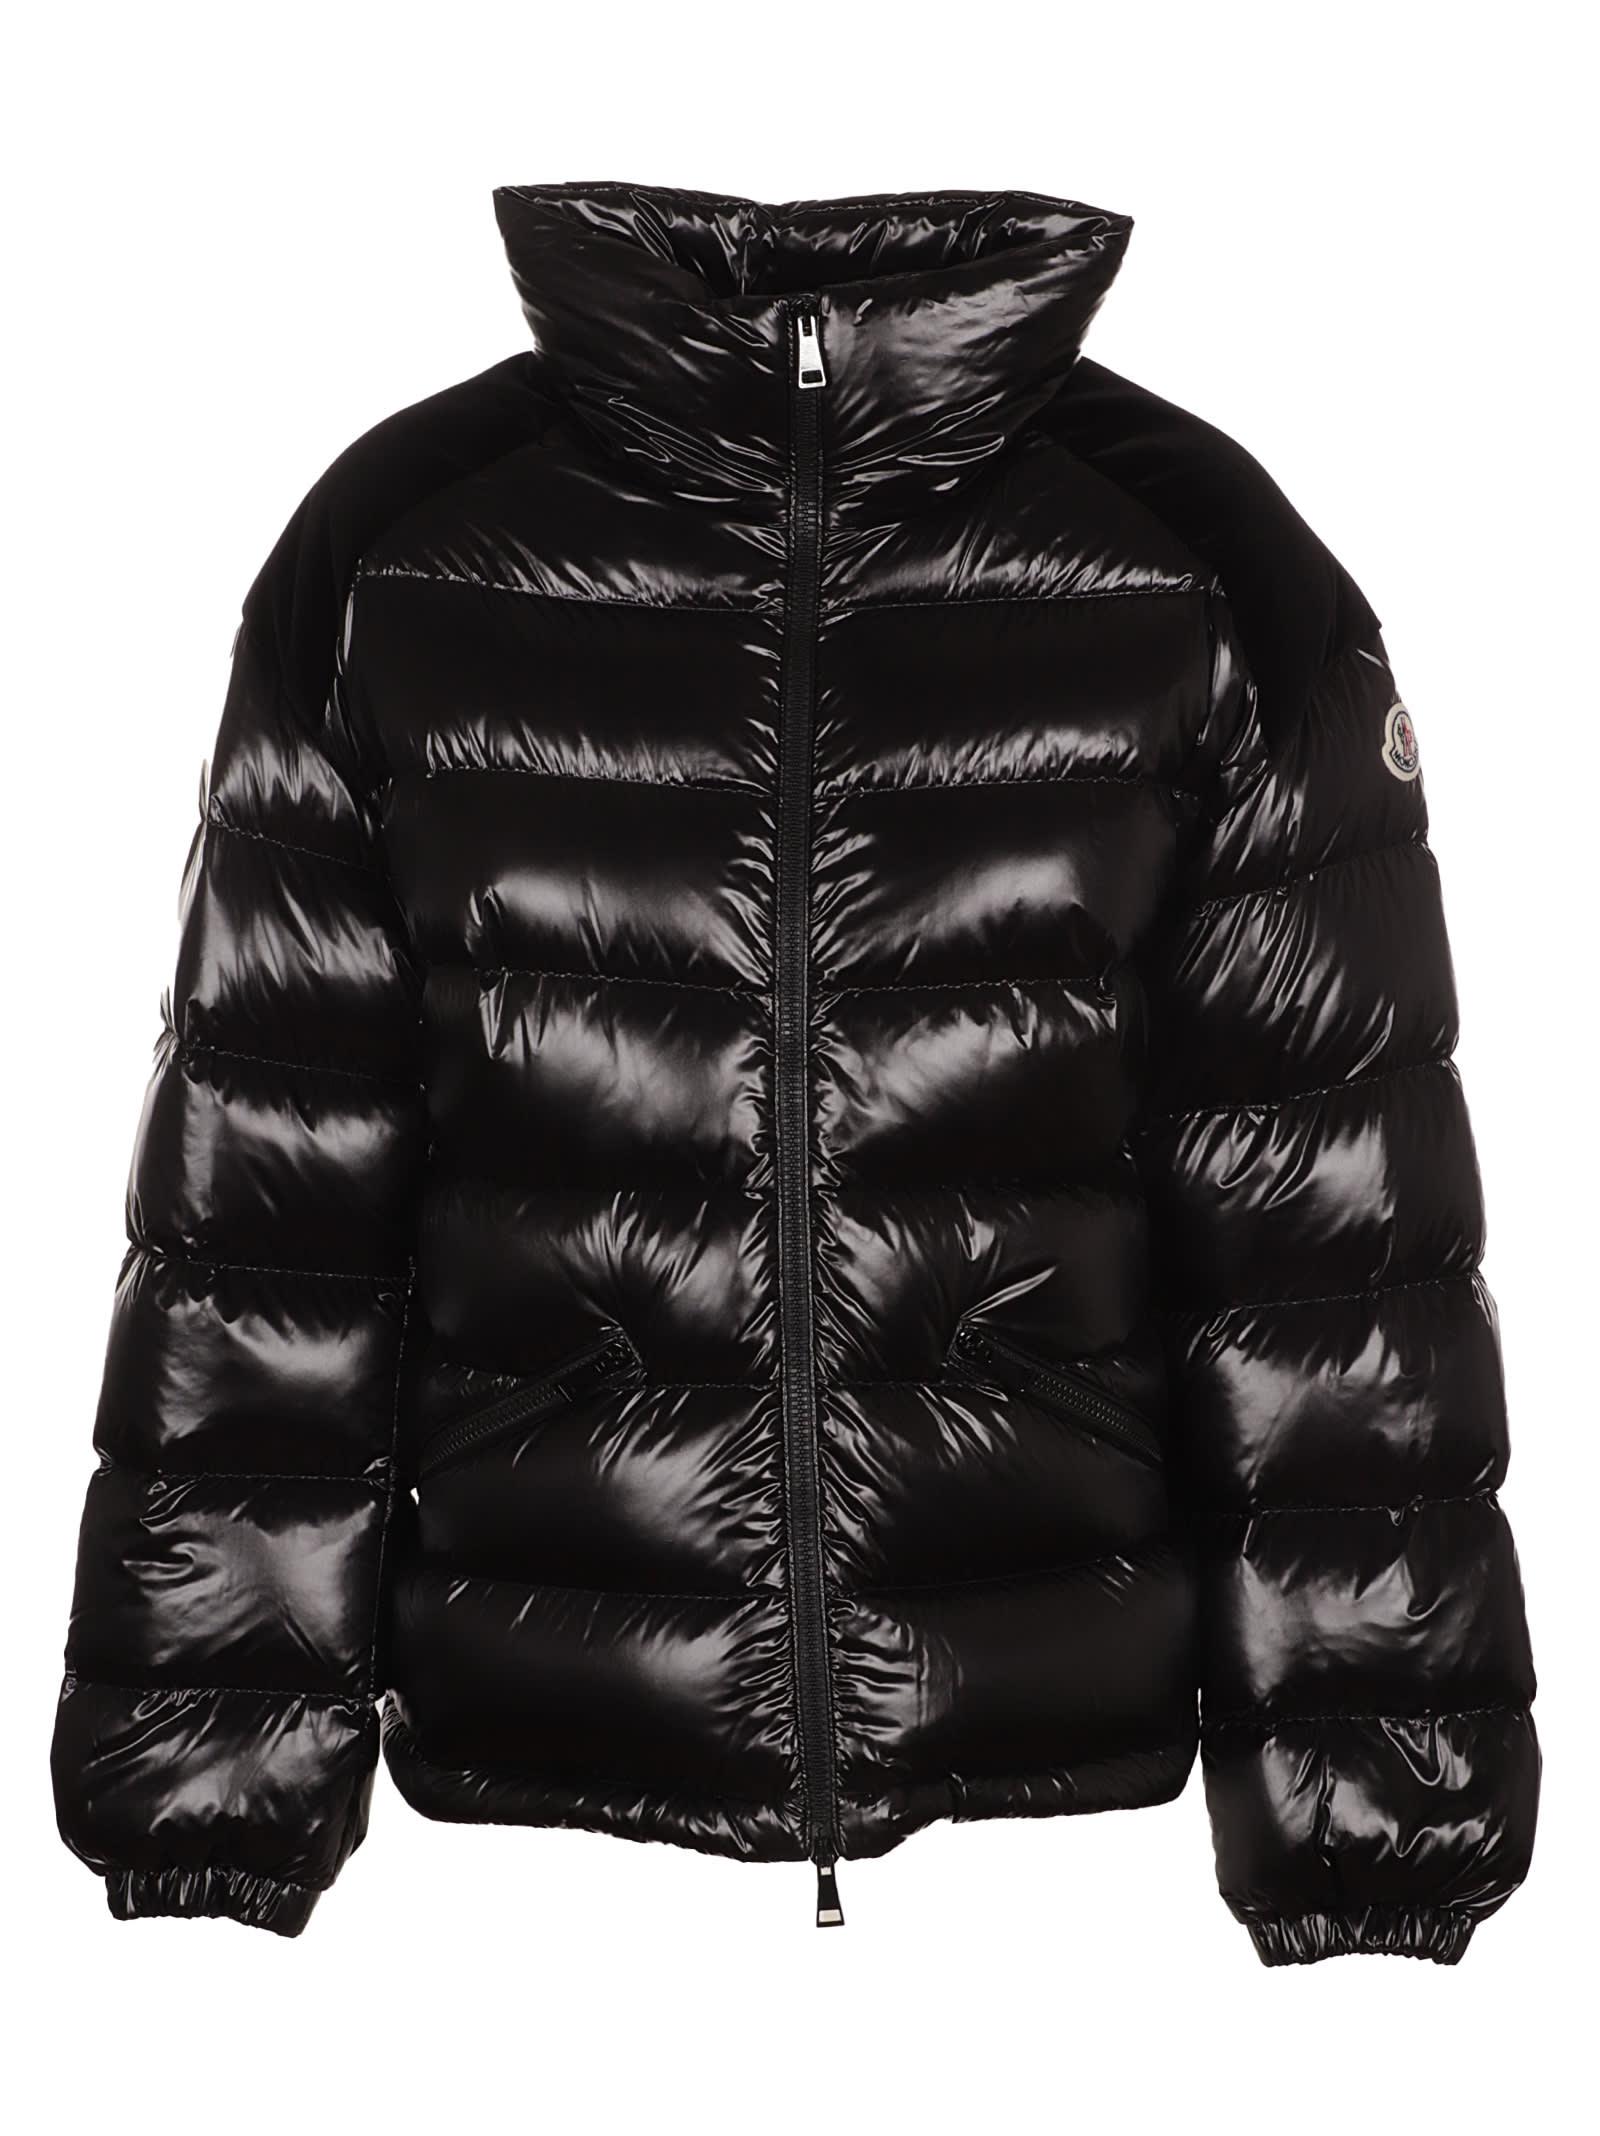 Moncler Celepine Jacket